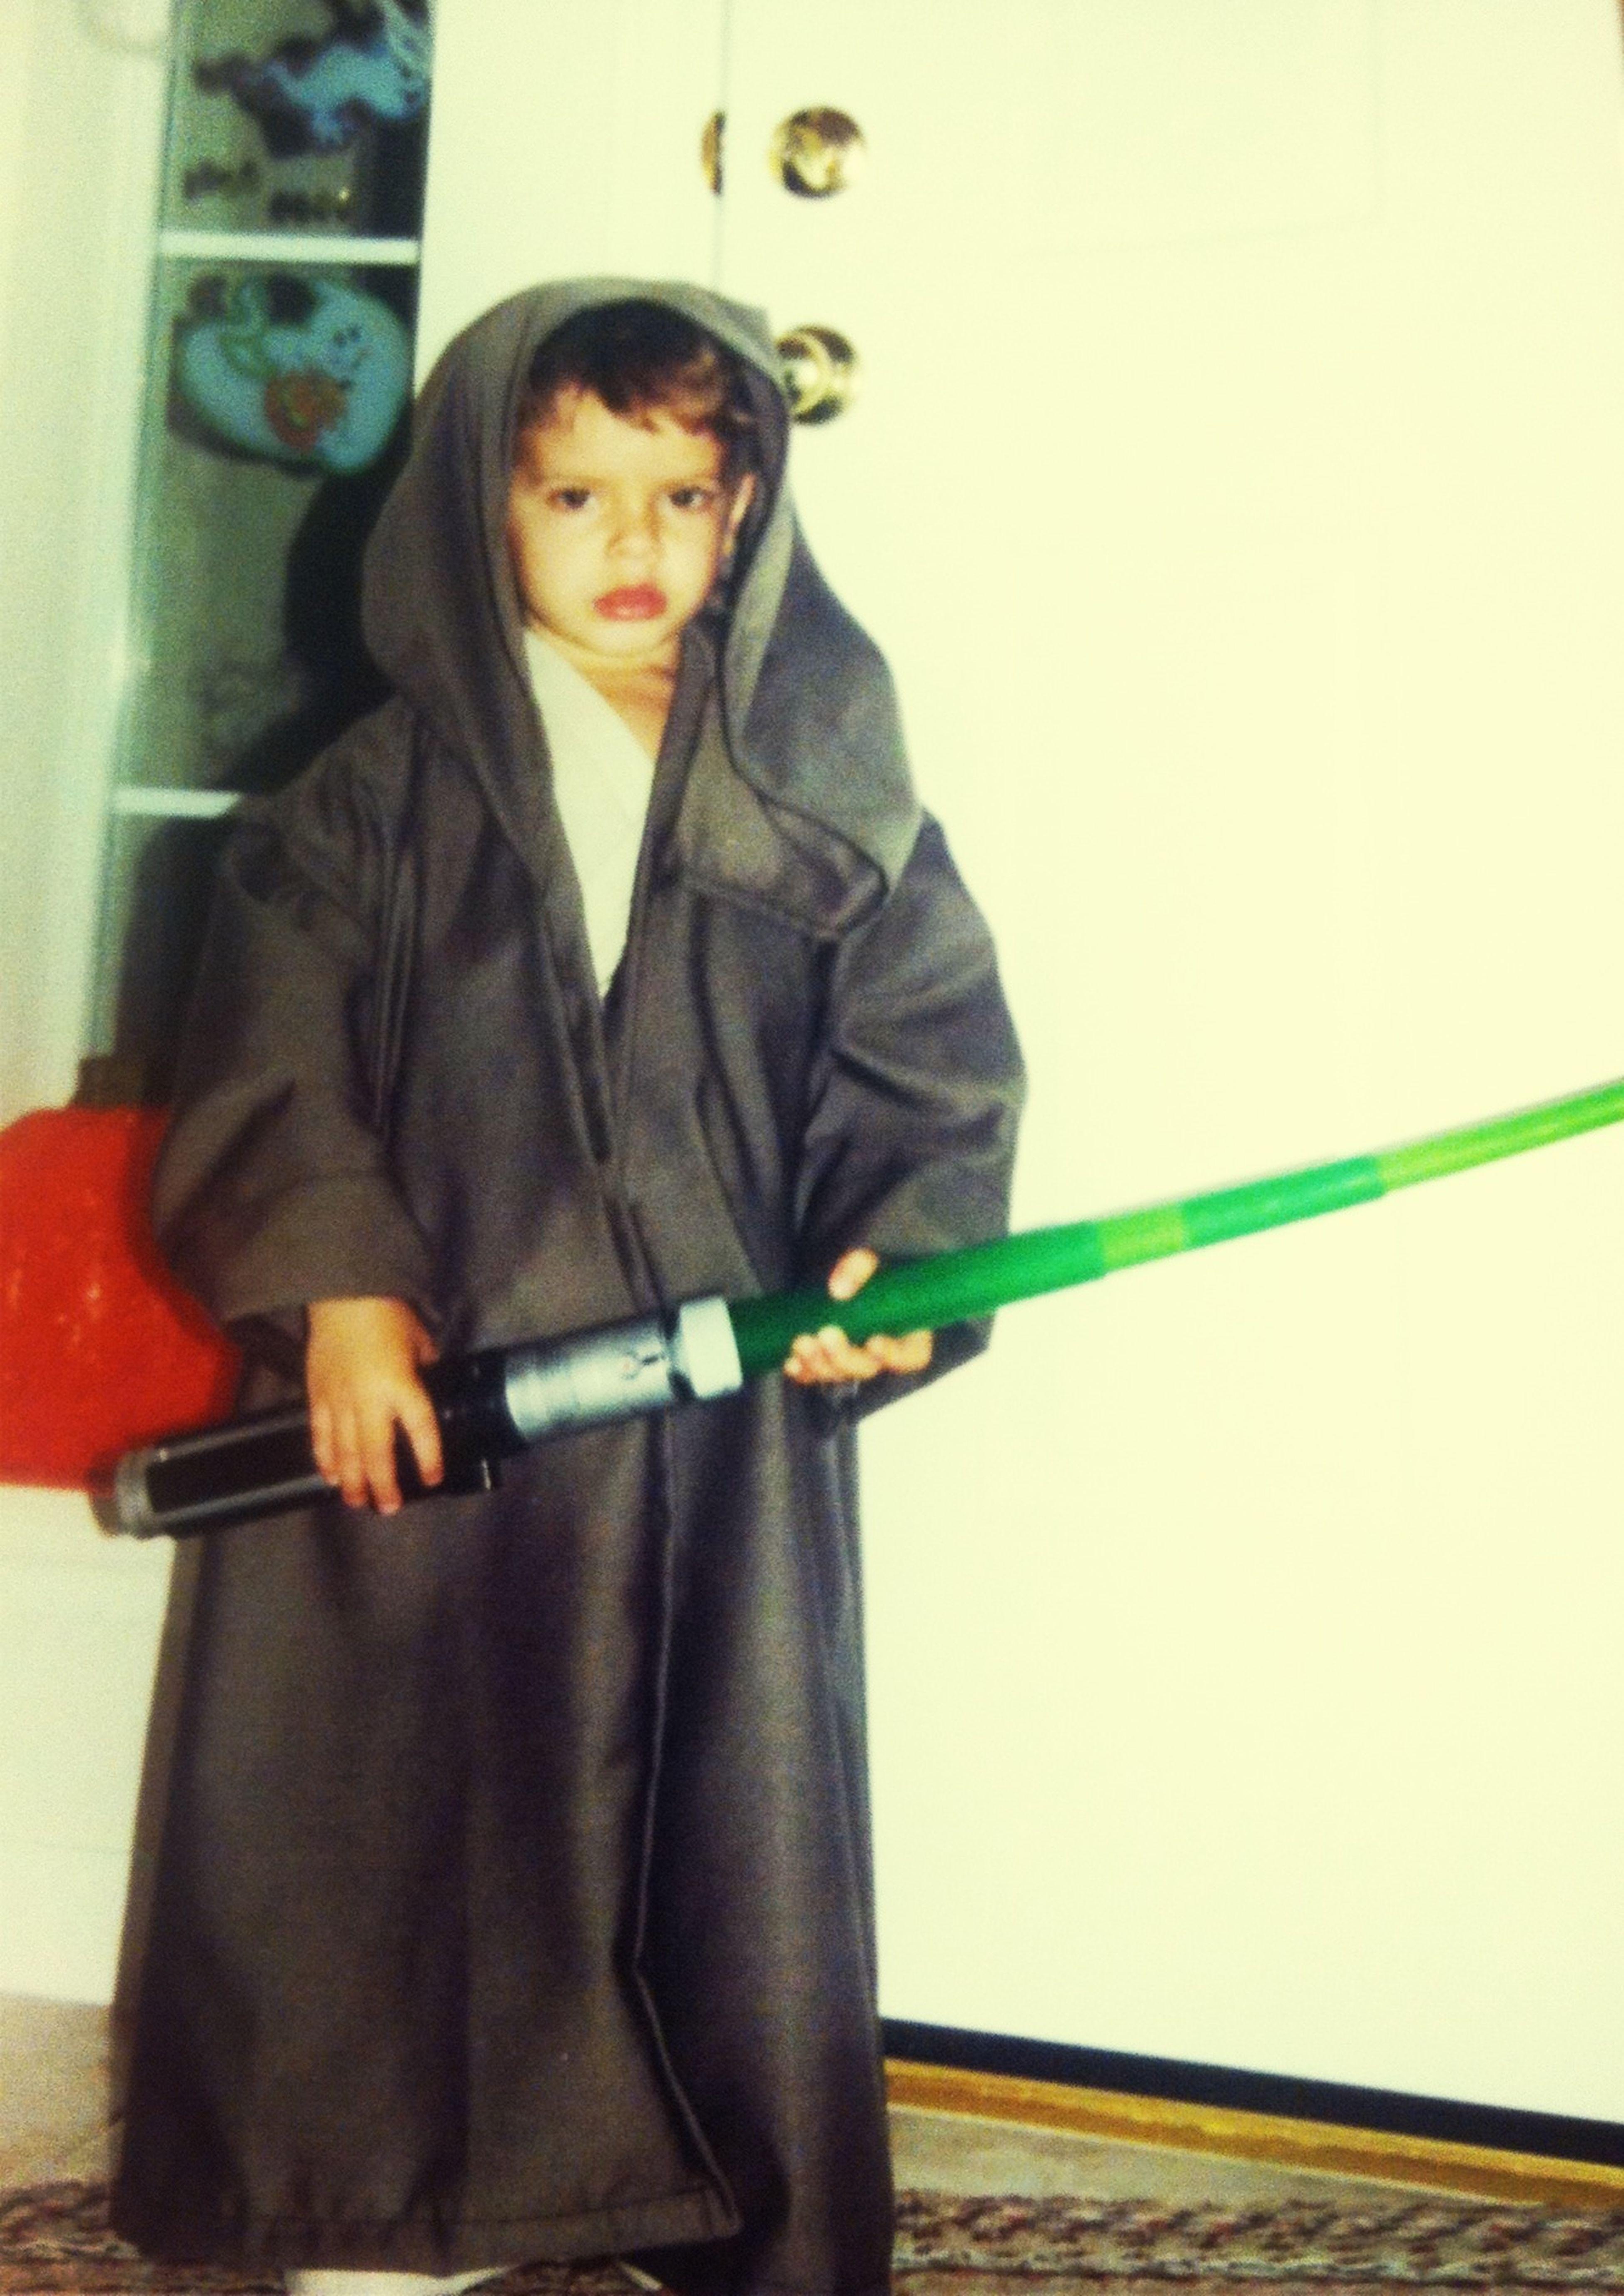 TBT - My Boog had mad Jedi skills!! Lol